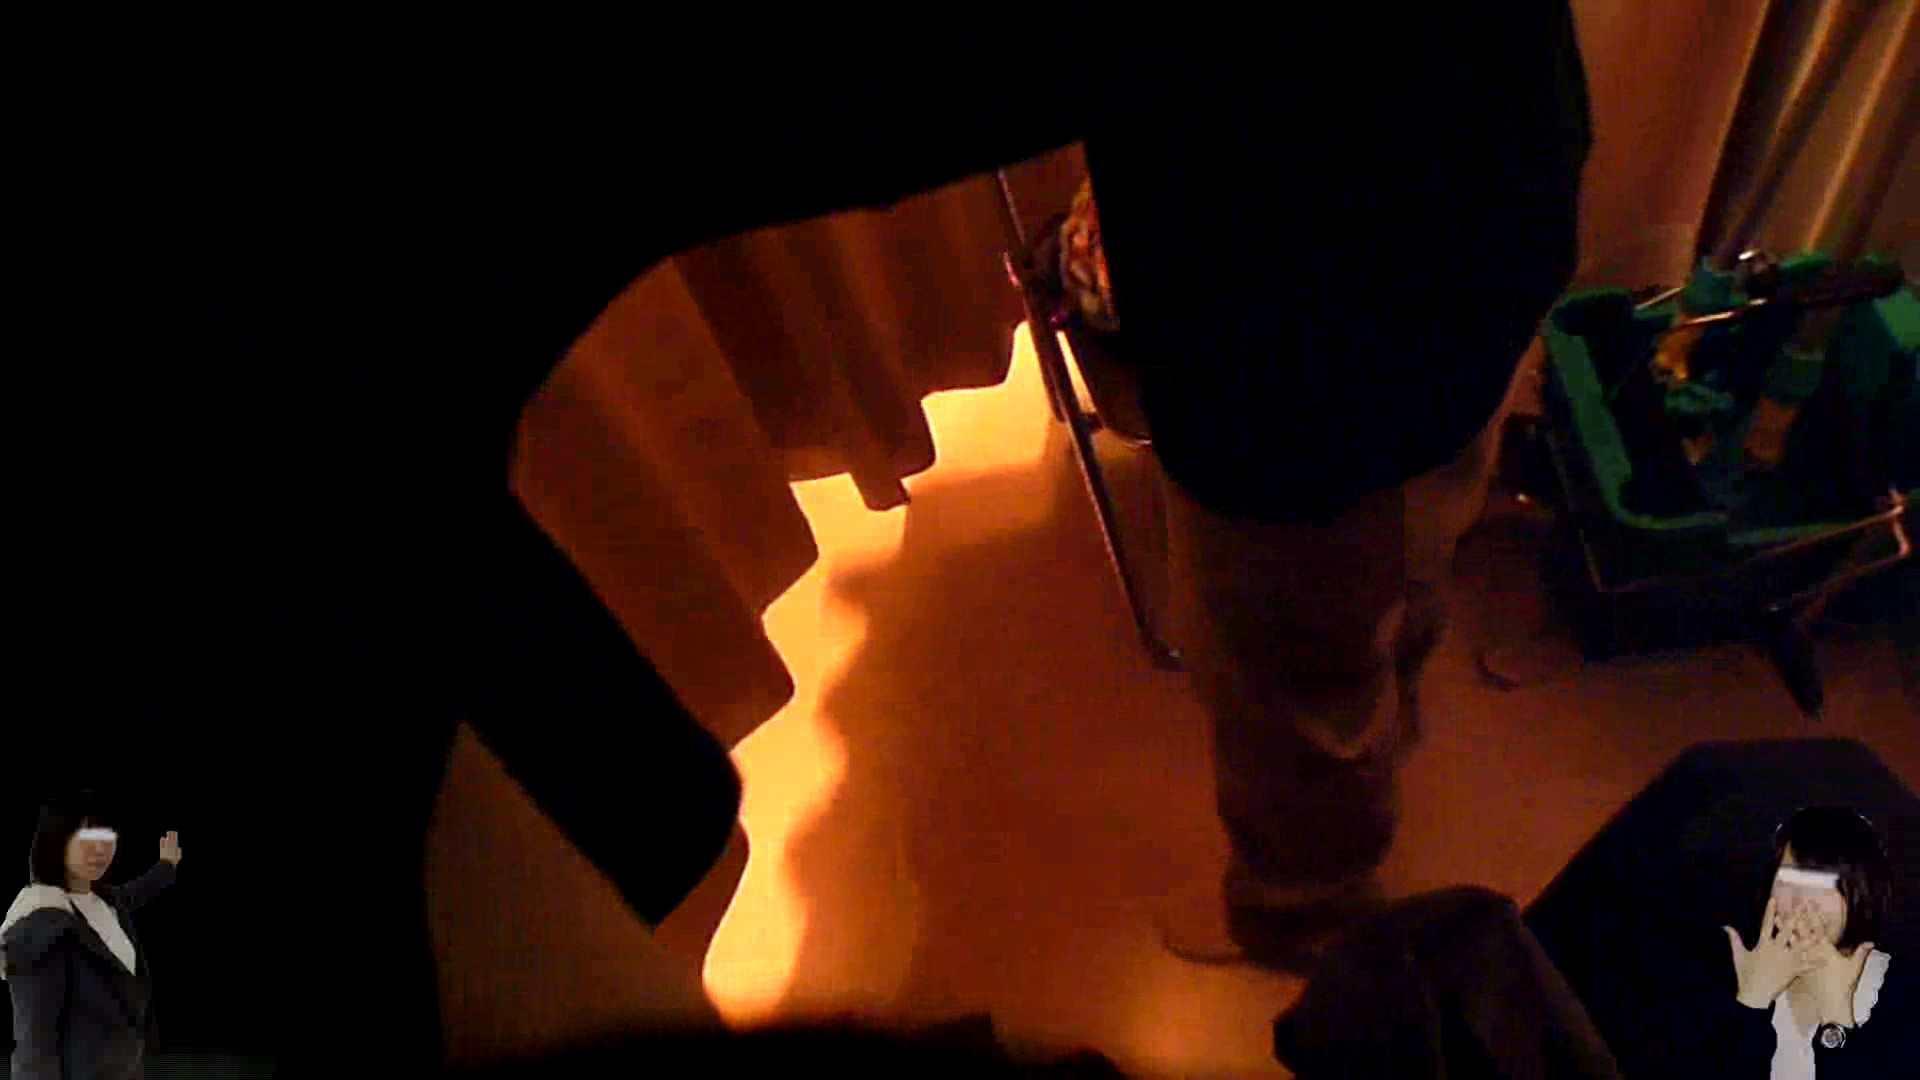 素人投稿 現役「JD」Eちゃんの着替え Vol.04 素人エロ画像 ヌード画像 76PICs 31